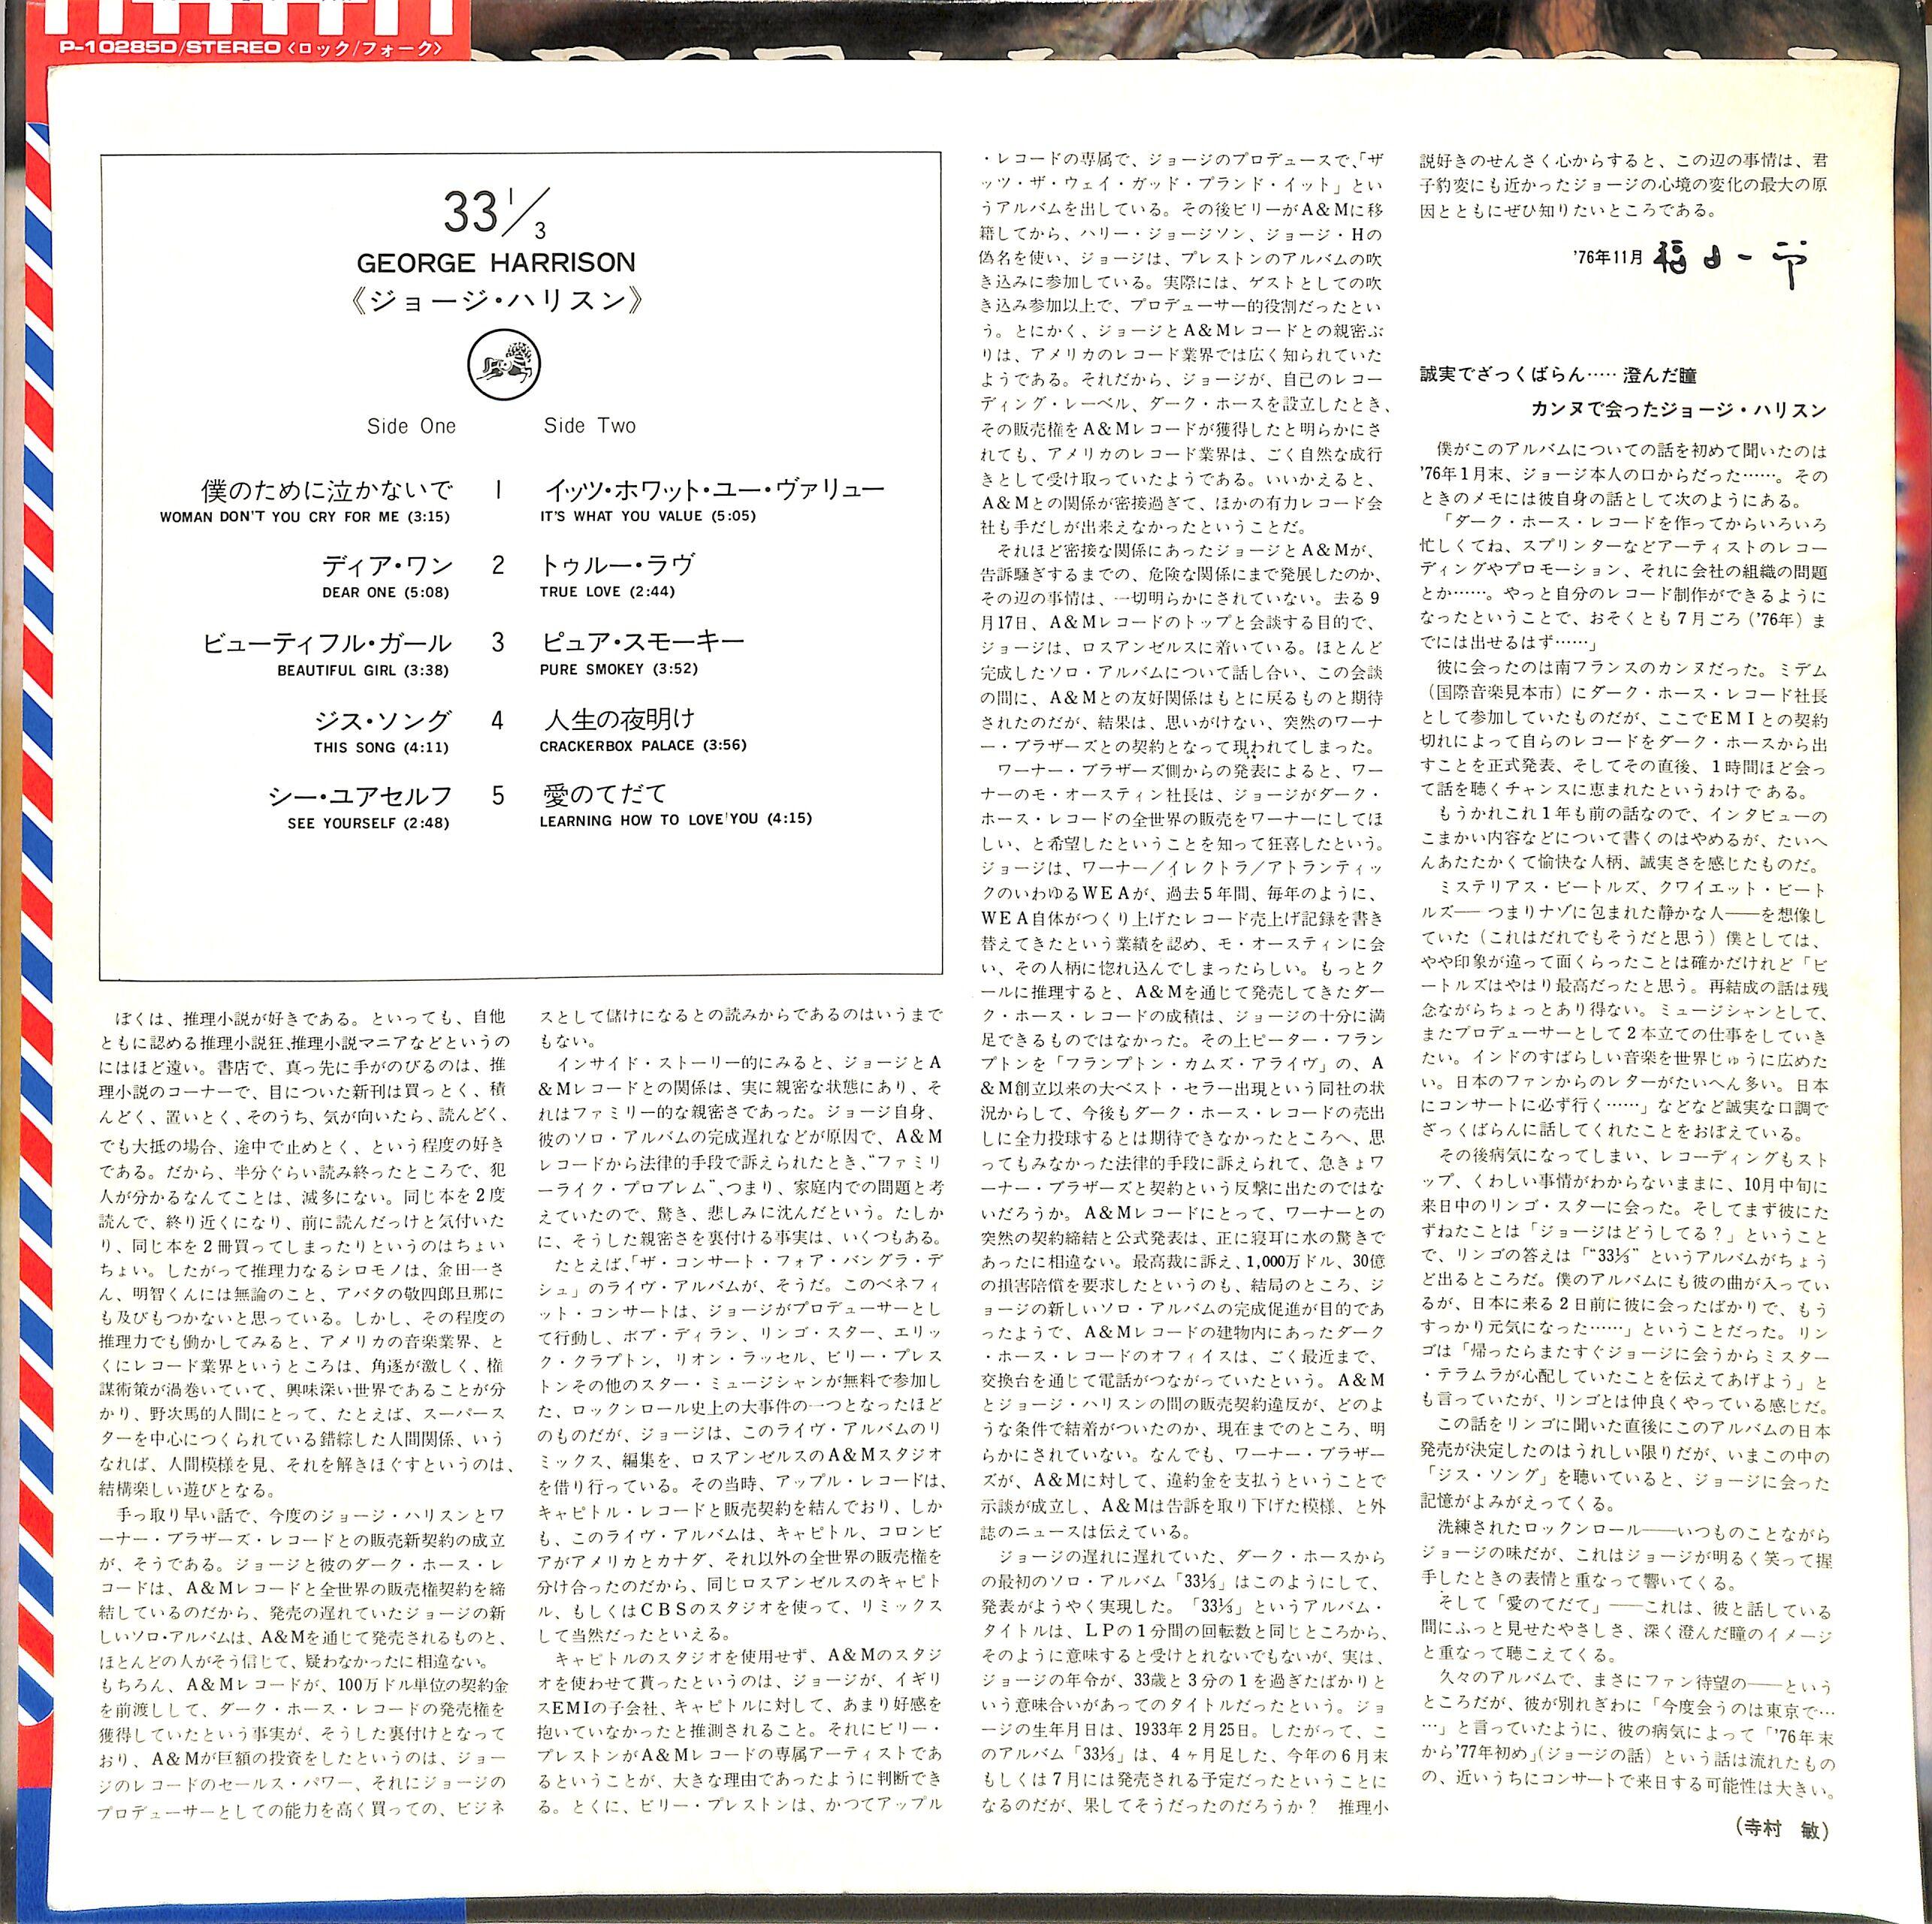 https://p1-e6eeae93.imageflux.jp/booksch/e541bba4b2e5be610c08.jpg